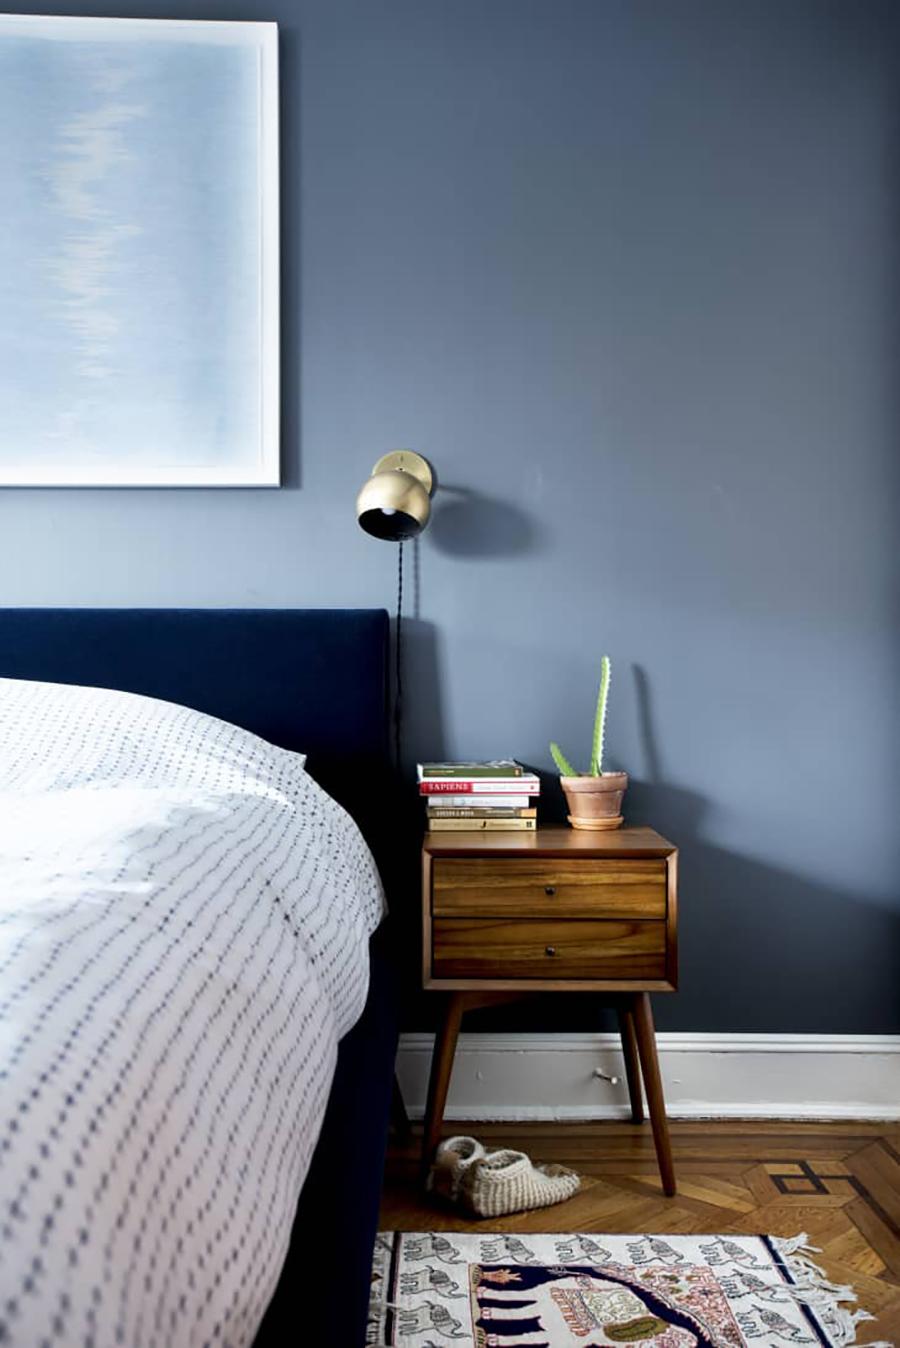 El dormitorio está decorado con una paleta de color monocromática, en este caso de azules. La pared, el respaldo de la cama y el cuadro tienen distintos tonos de azul.